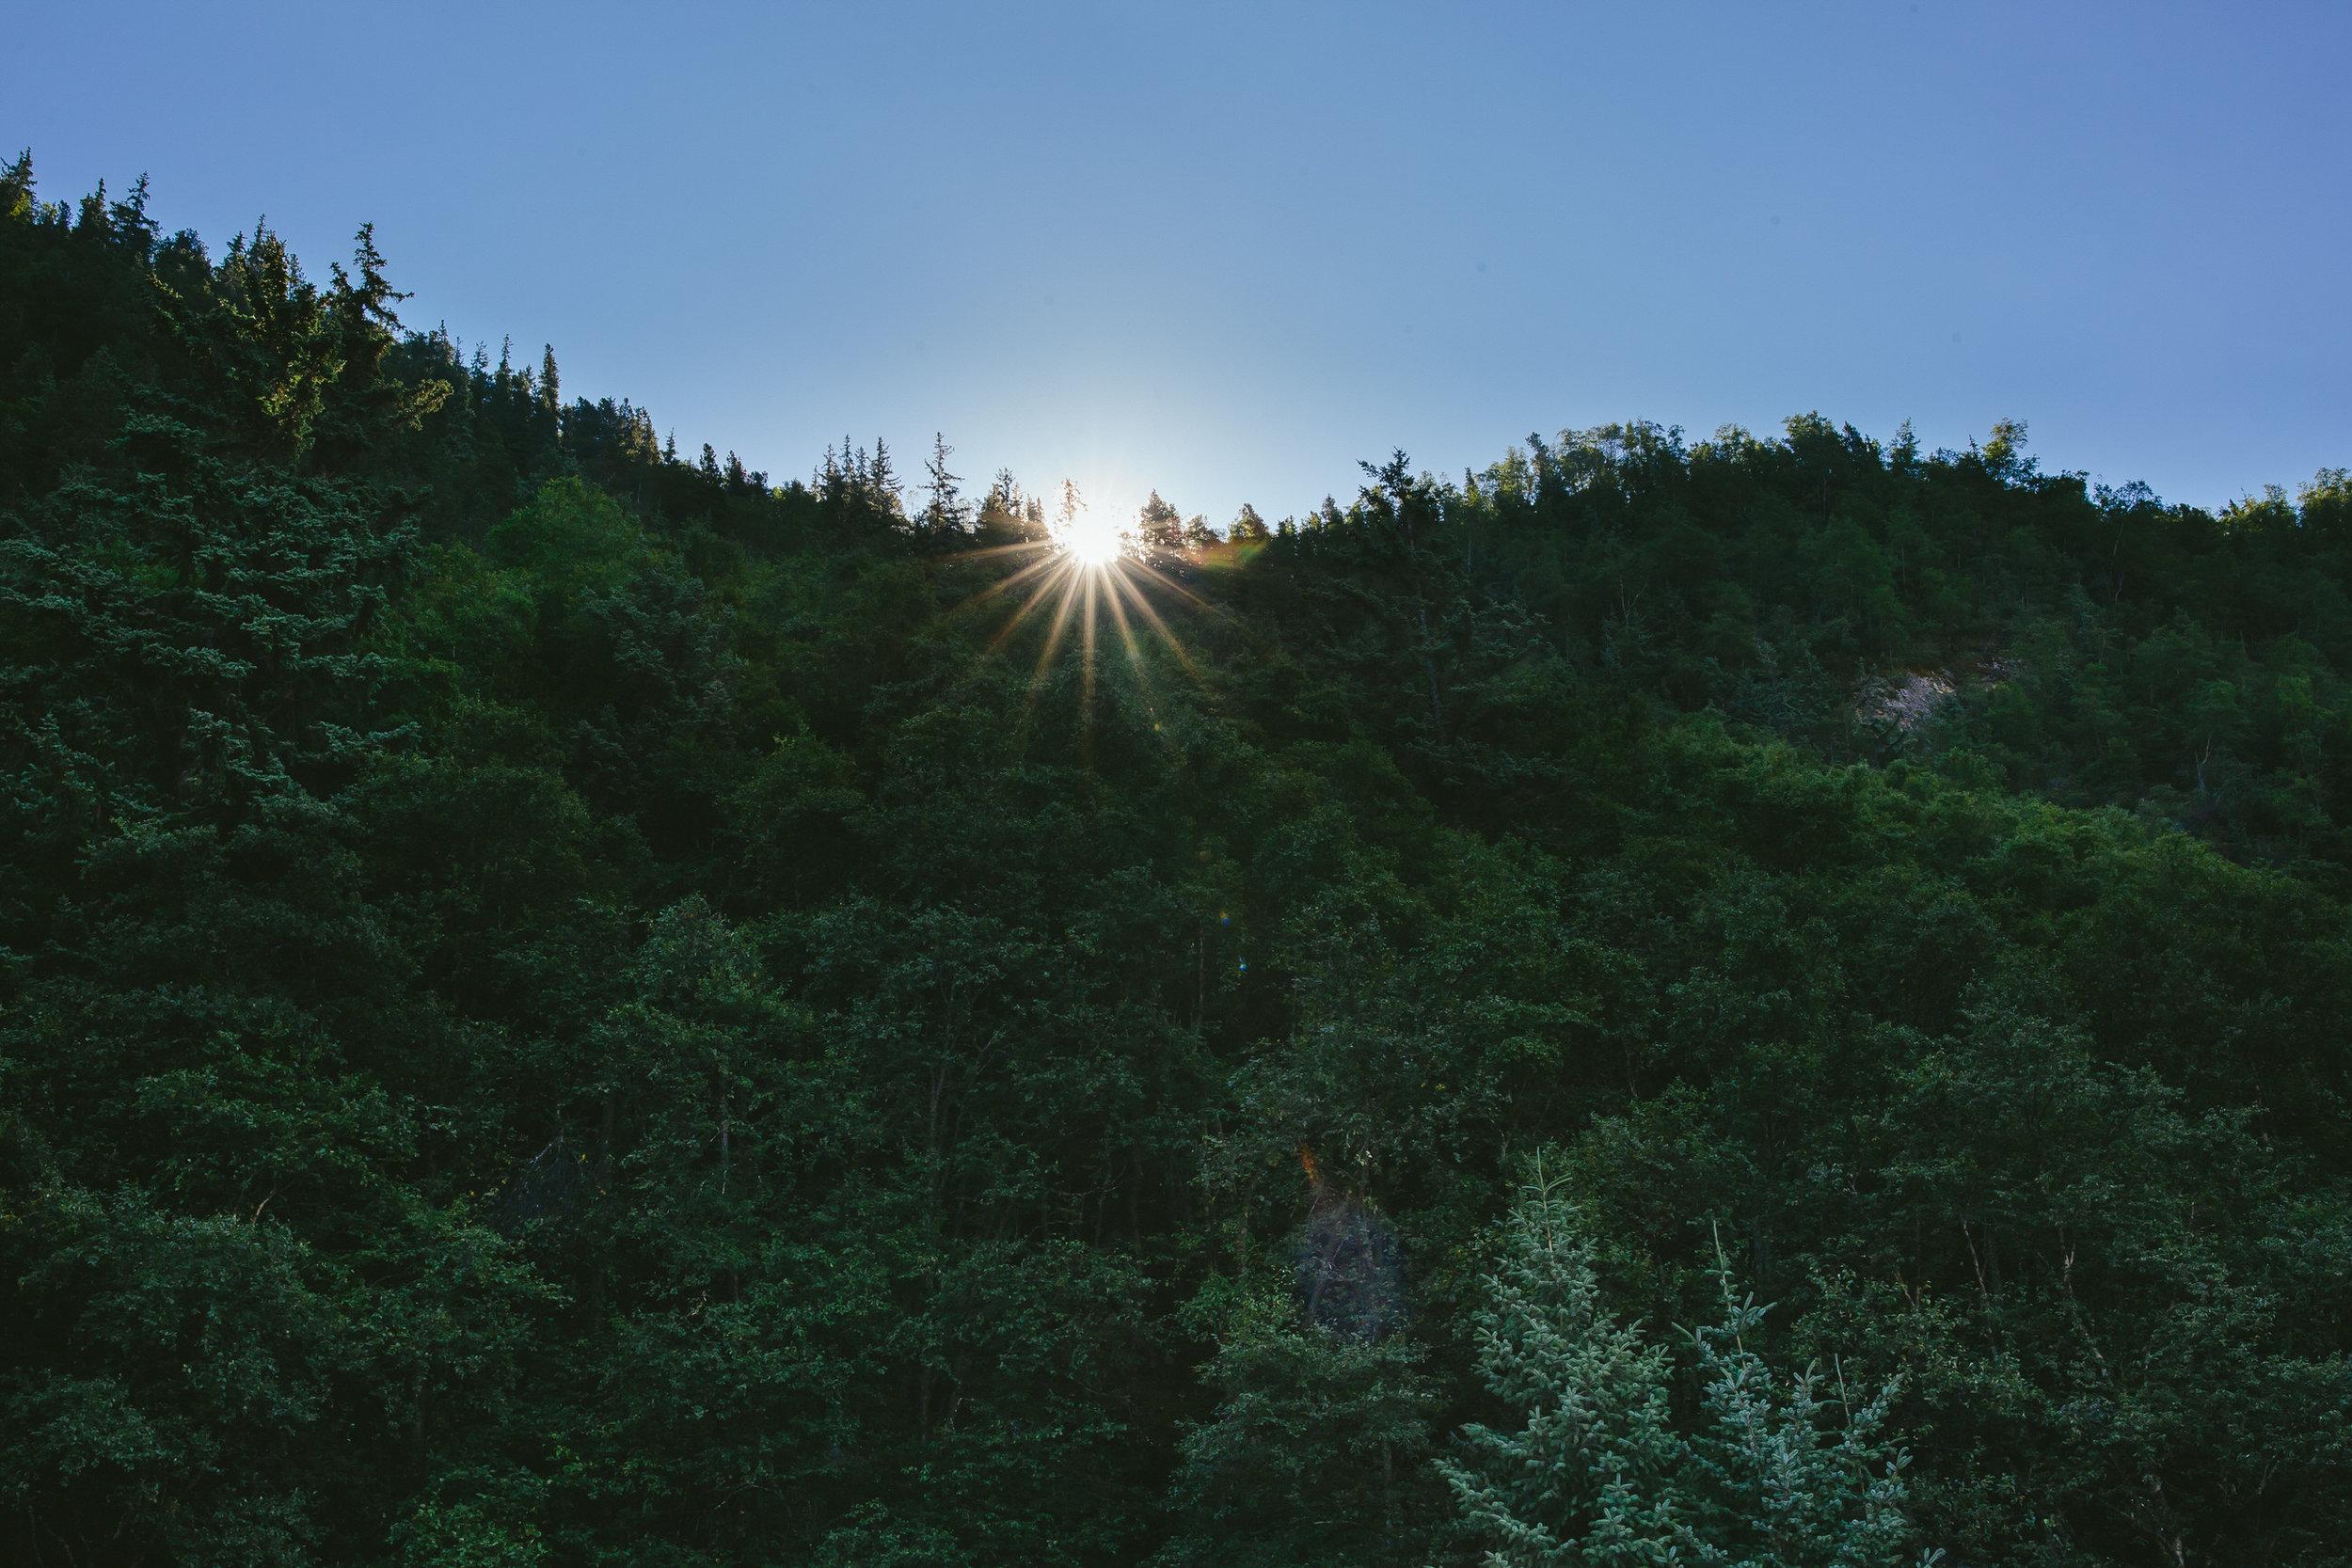 skagway_alaska_sun_forest_travel_tiny_house_photo_vacation-1.jpg